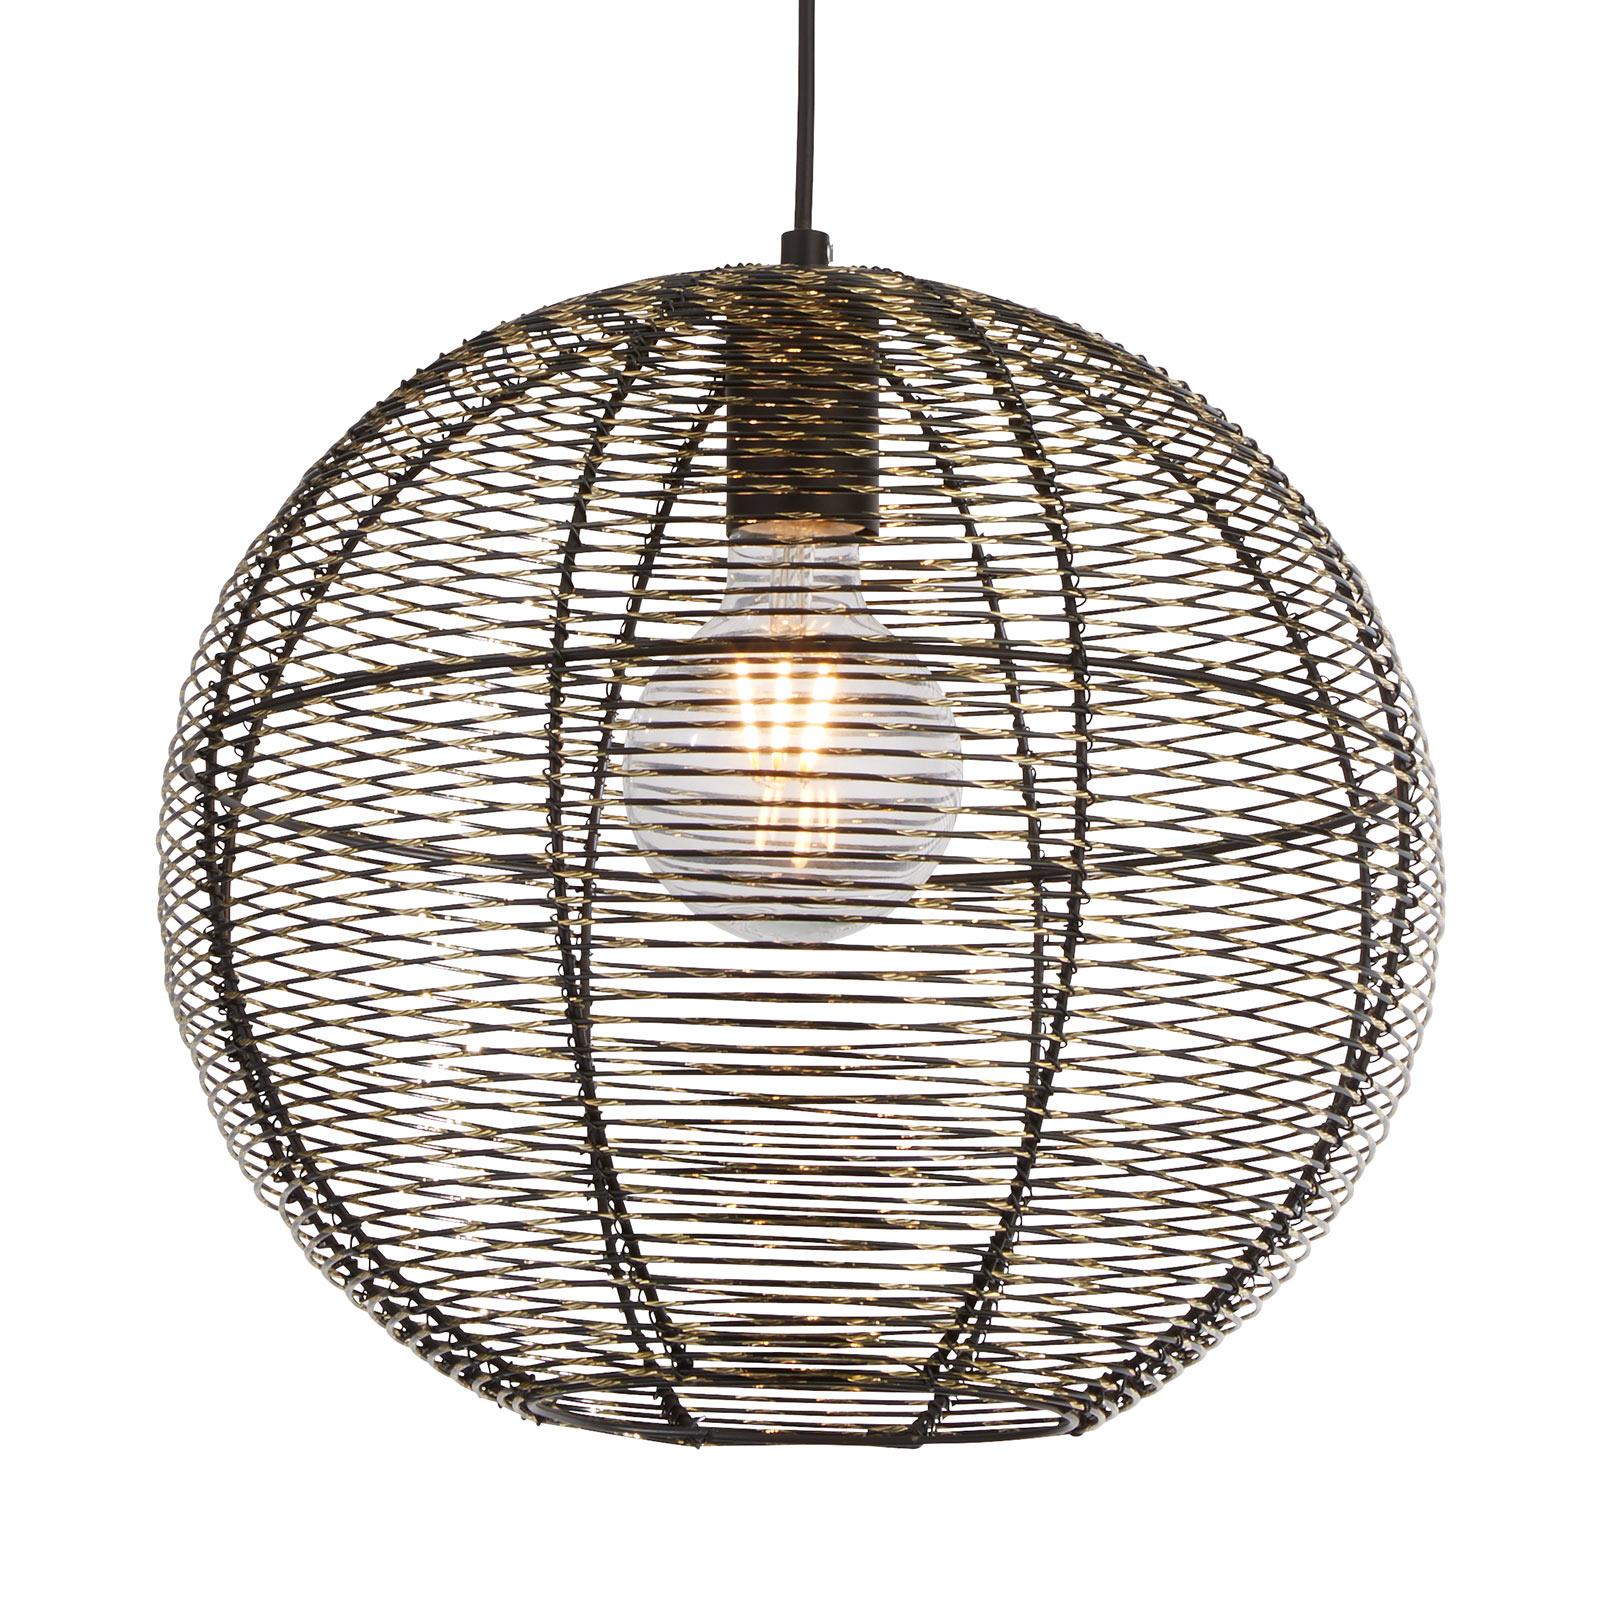 Hanglamp Weave, kooikap in zwart/goud